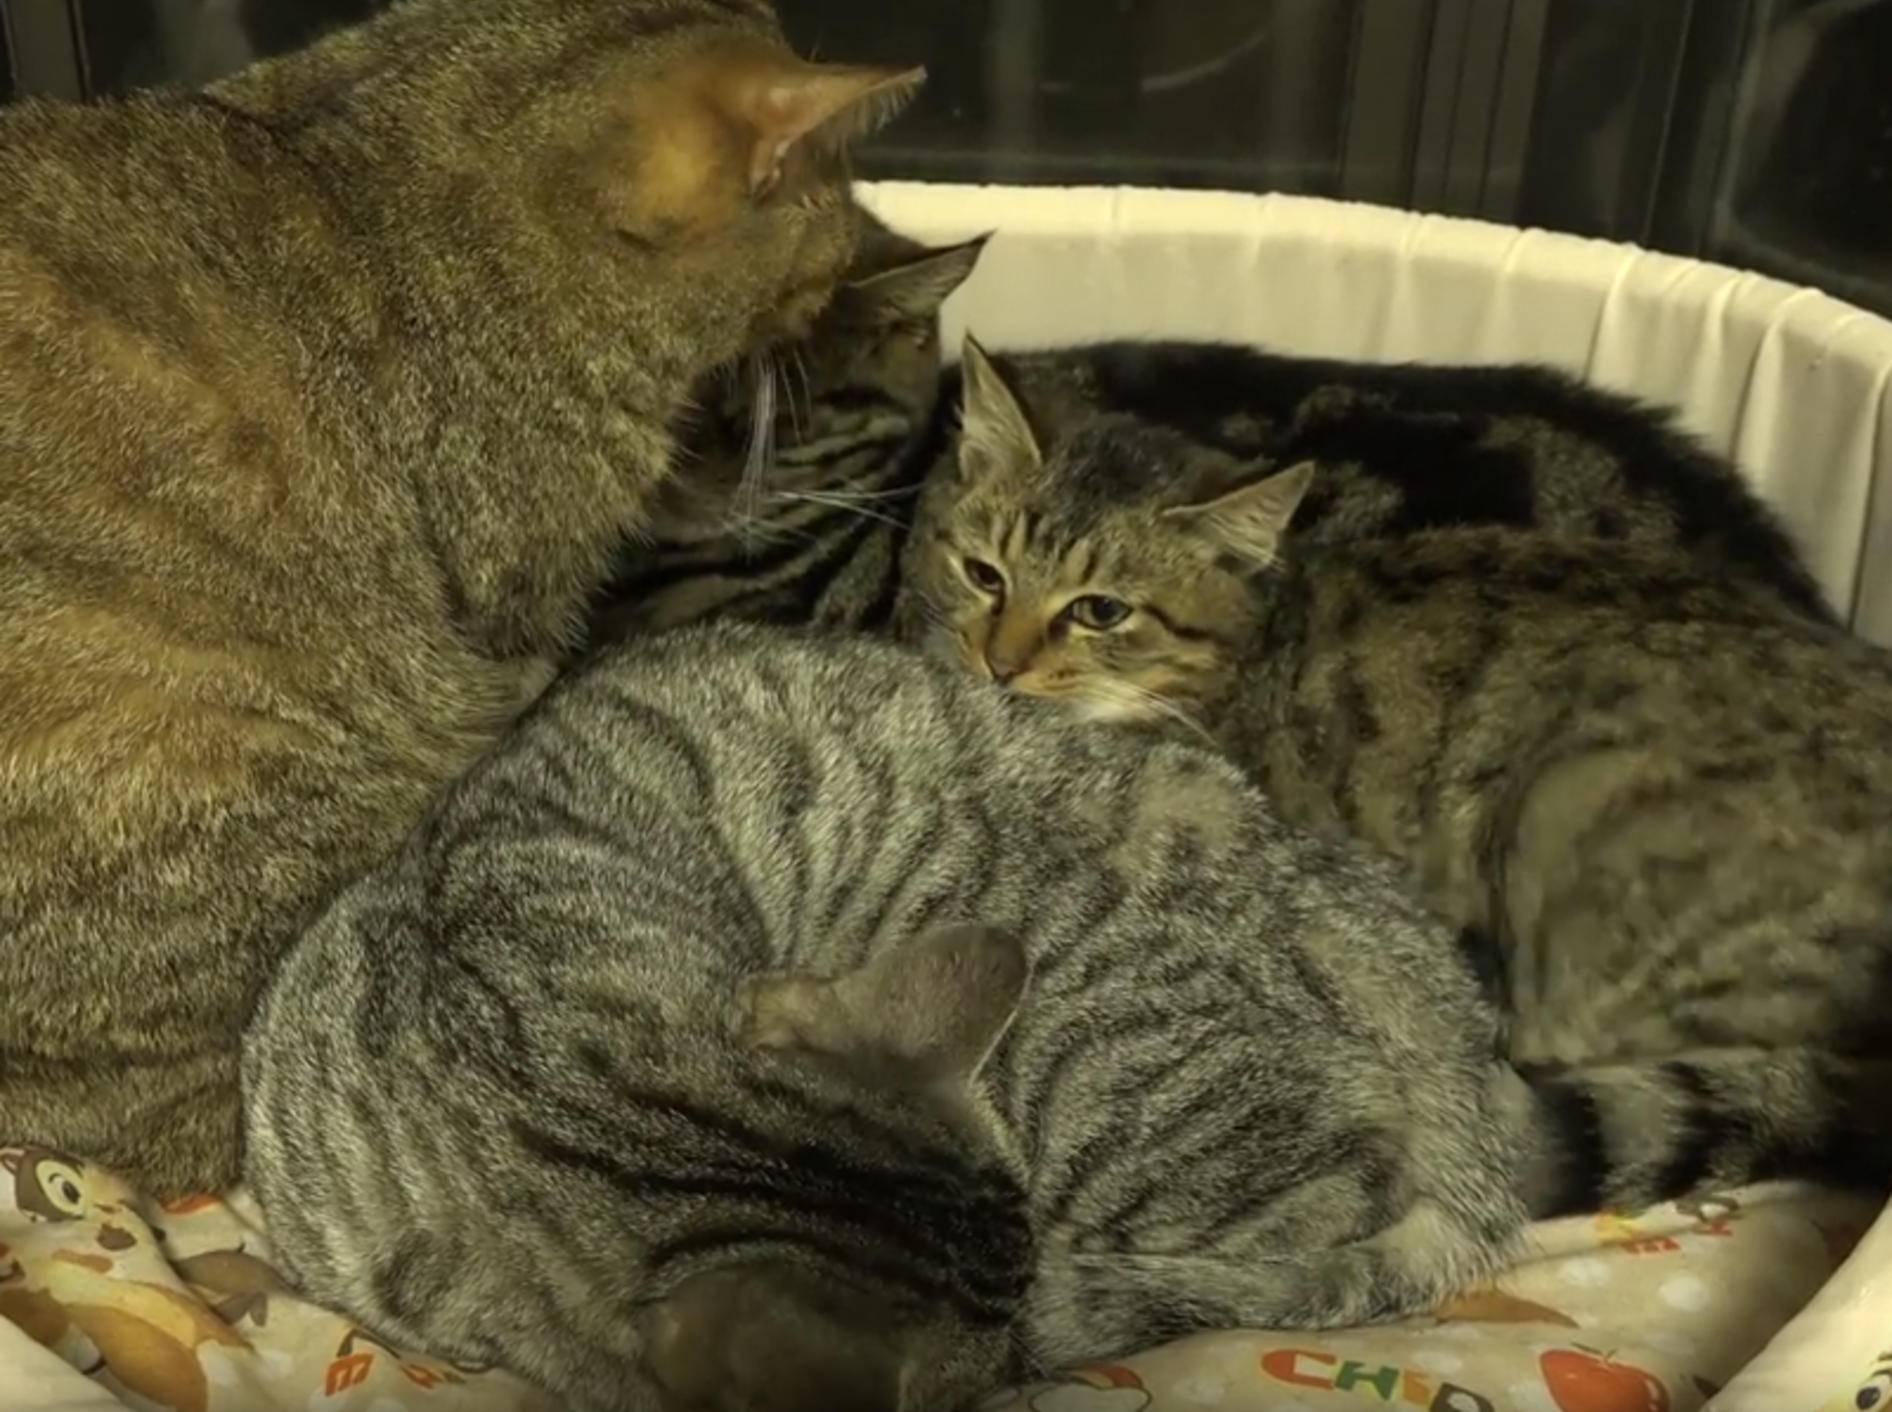 Liebe Katzen putzen und bekuscheln Pflegemiezis – YouTube / 10 Cats.